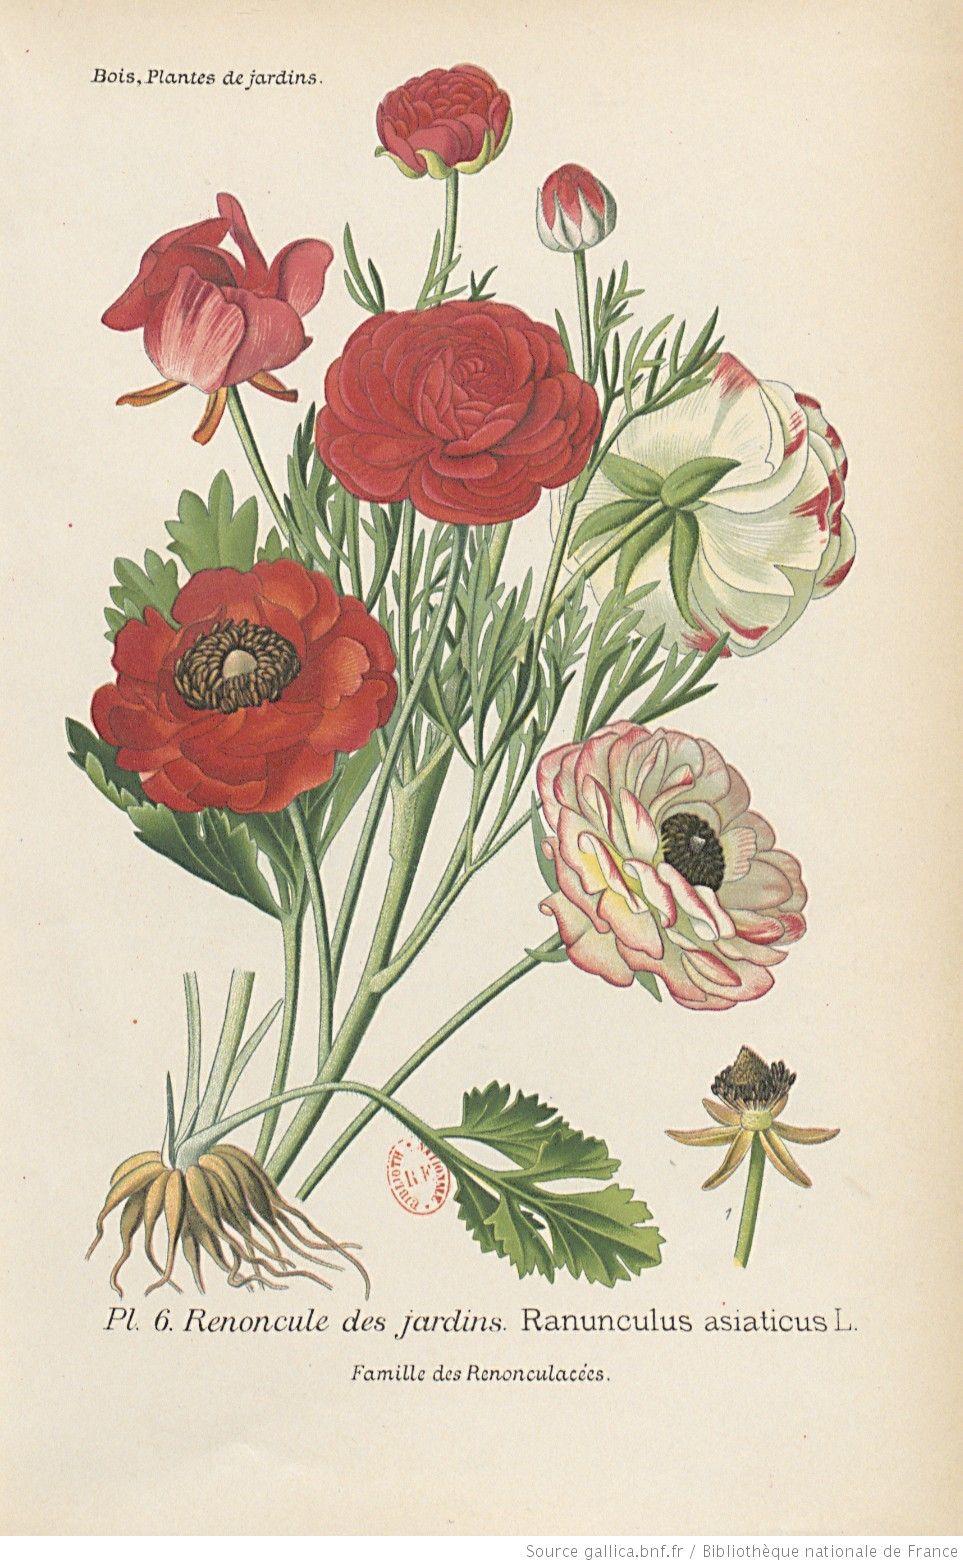 Renoncule des jardins, Atlas des plantes de jardins et d